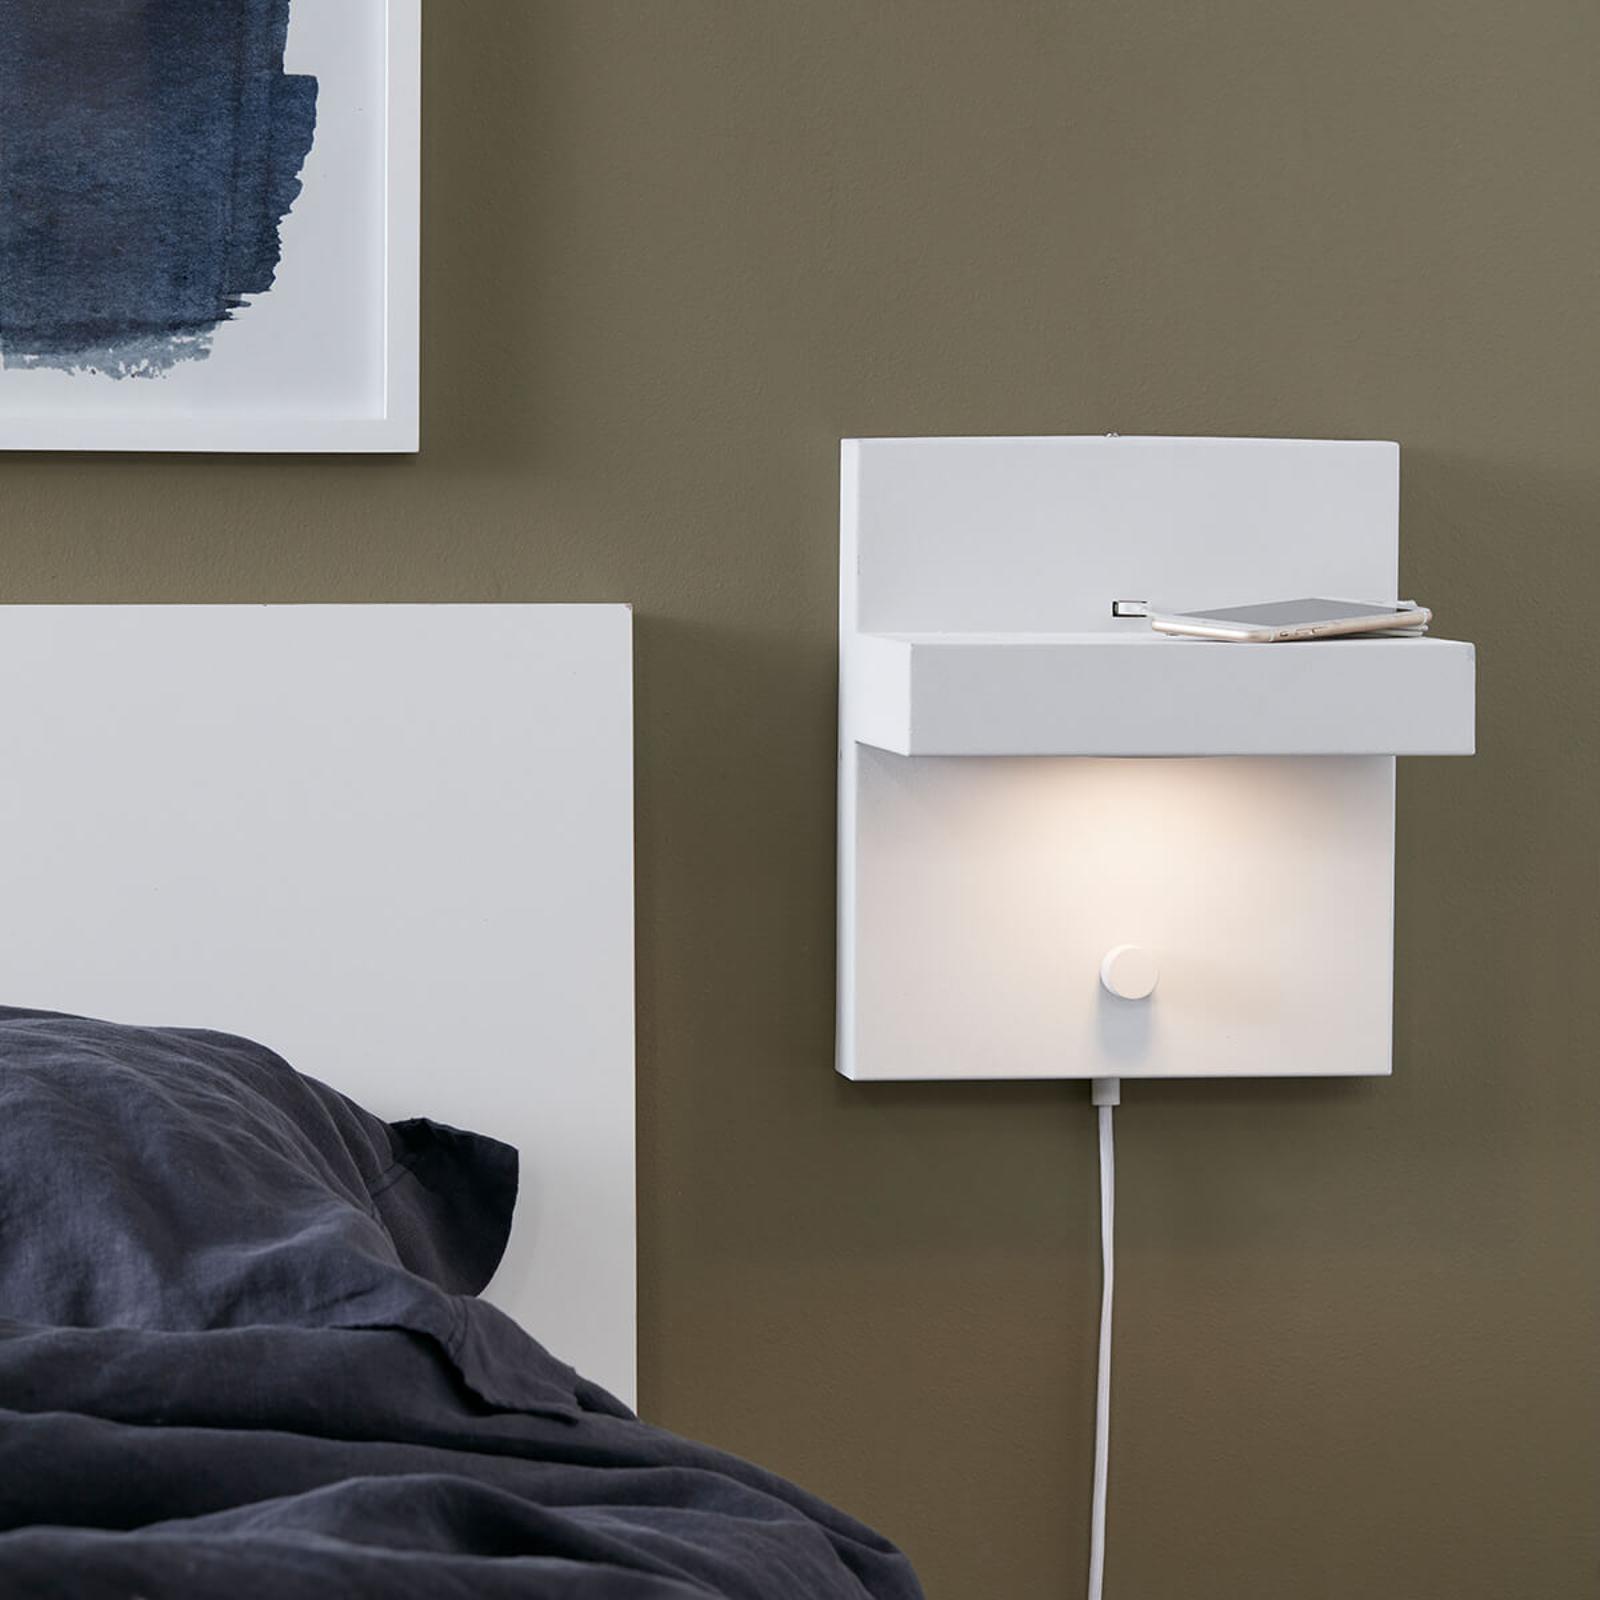 LED-Wandlampe Kubik mit USB-Ladeanschluss, weiß